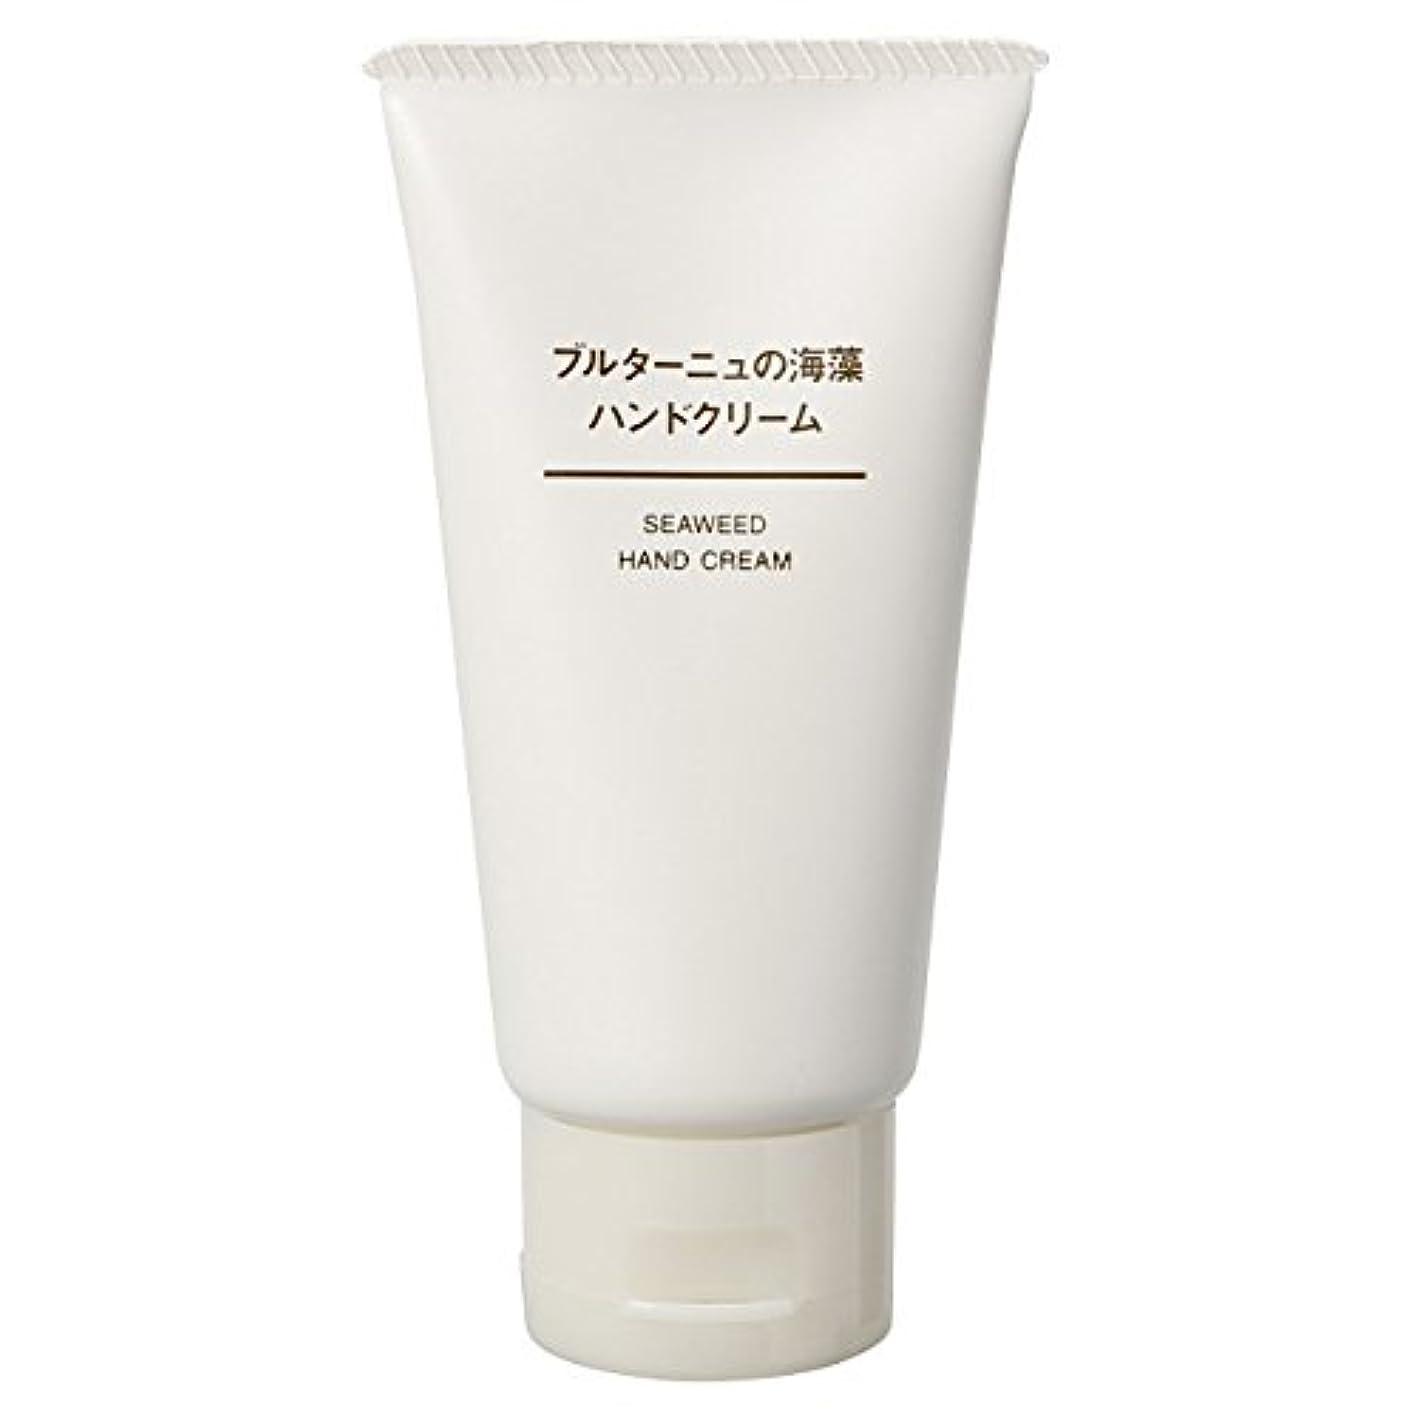 プレビスサイト持っている持っている無印良品 ブルターニュの海藻 ハンドクリーム 50g 日本製